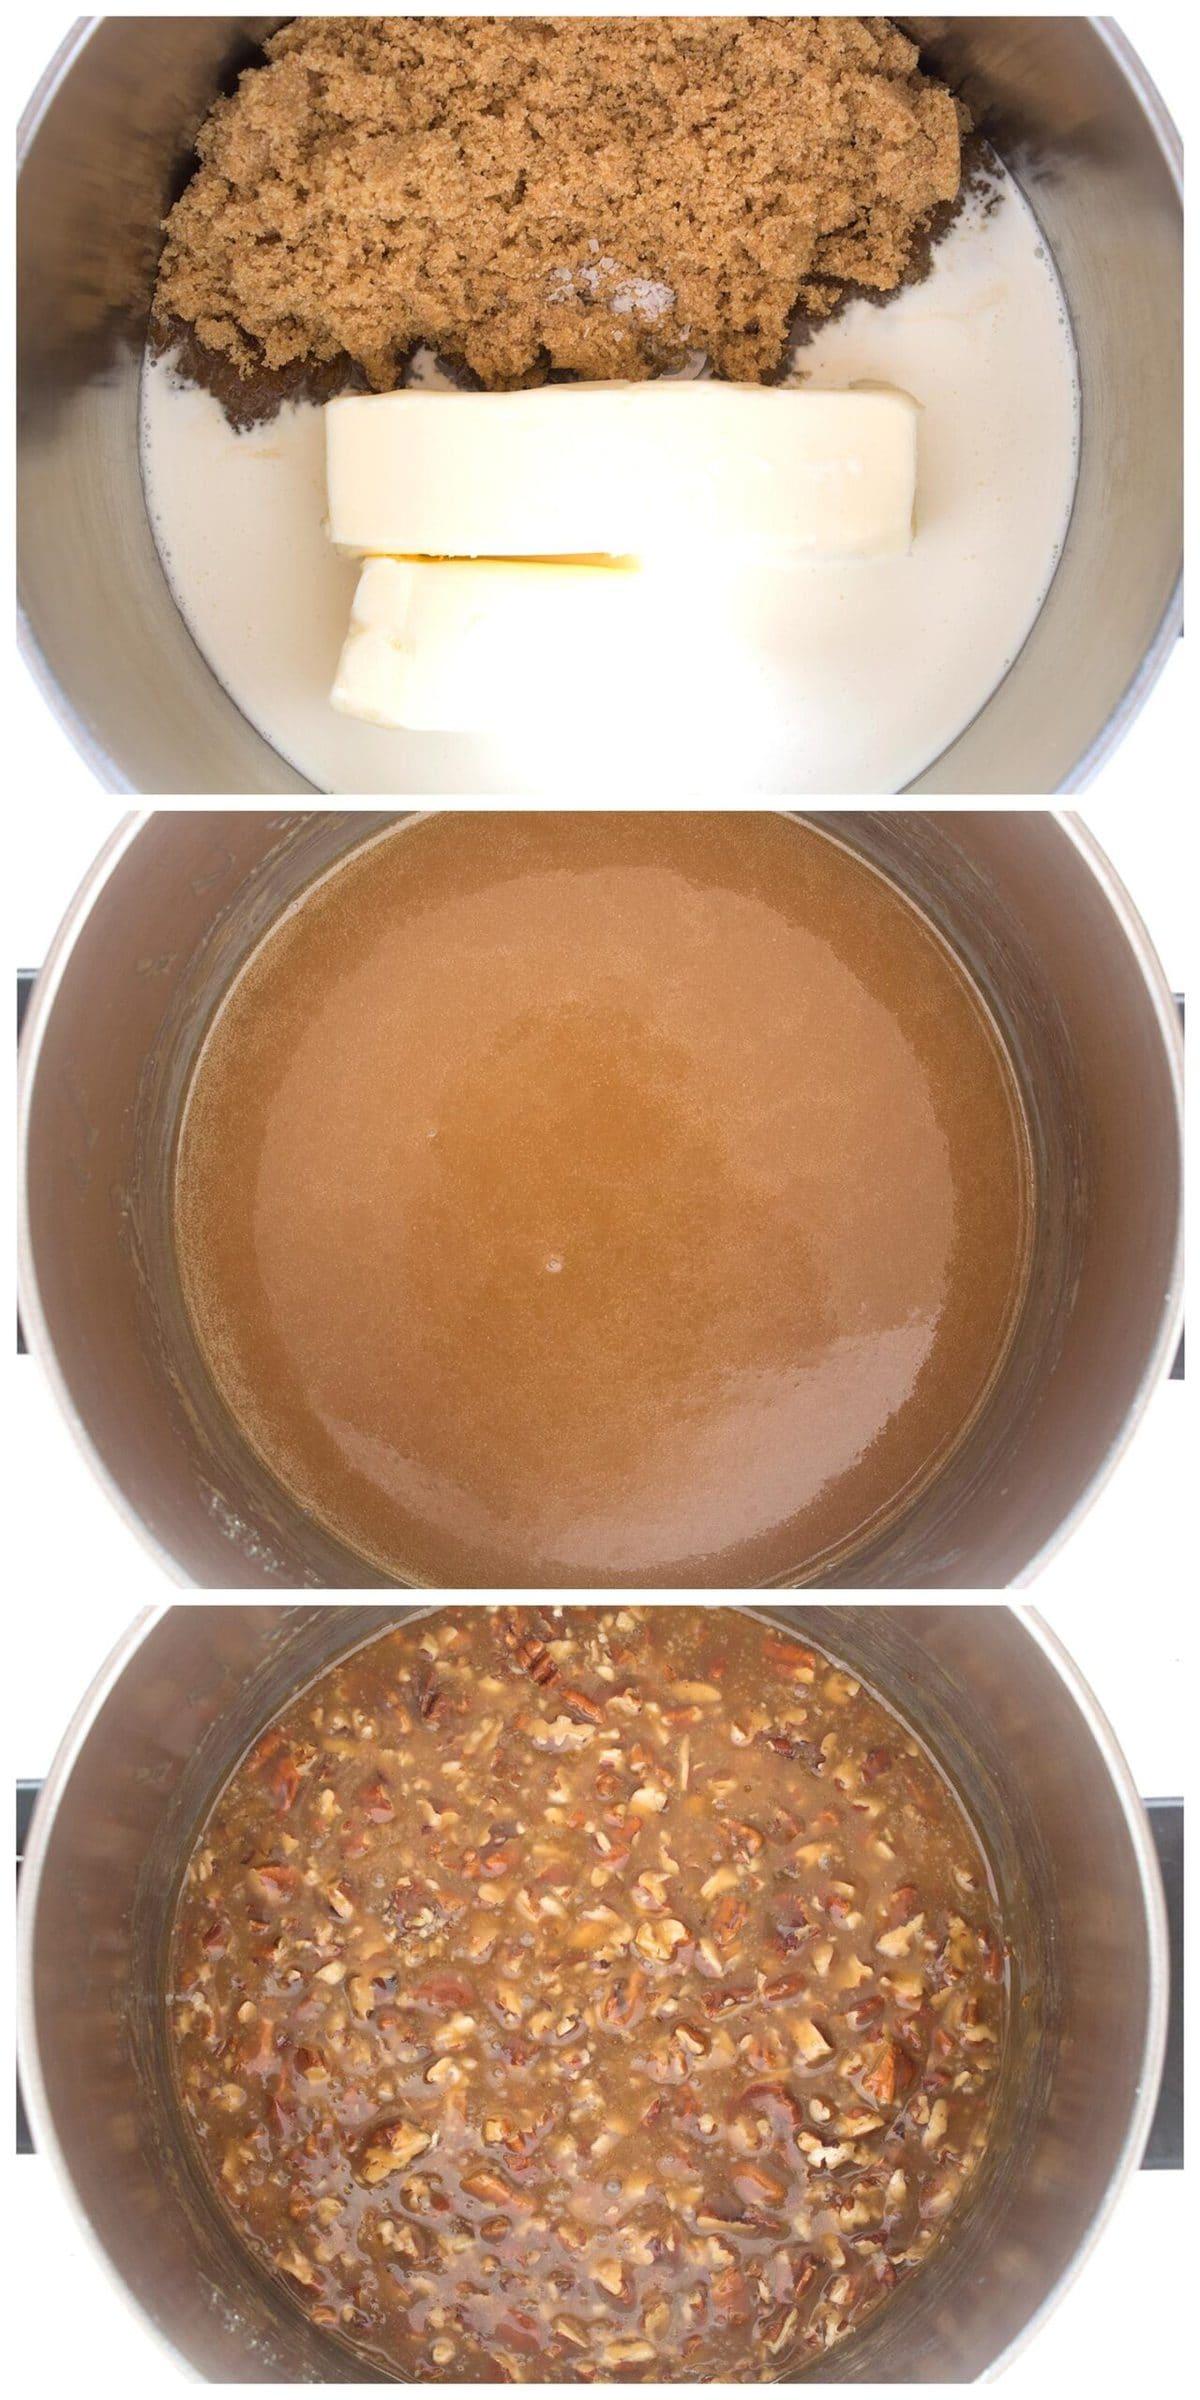 3 steps to make pecan praline topping